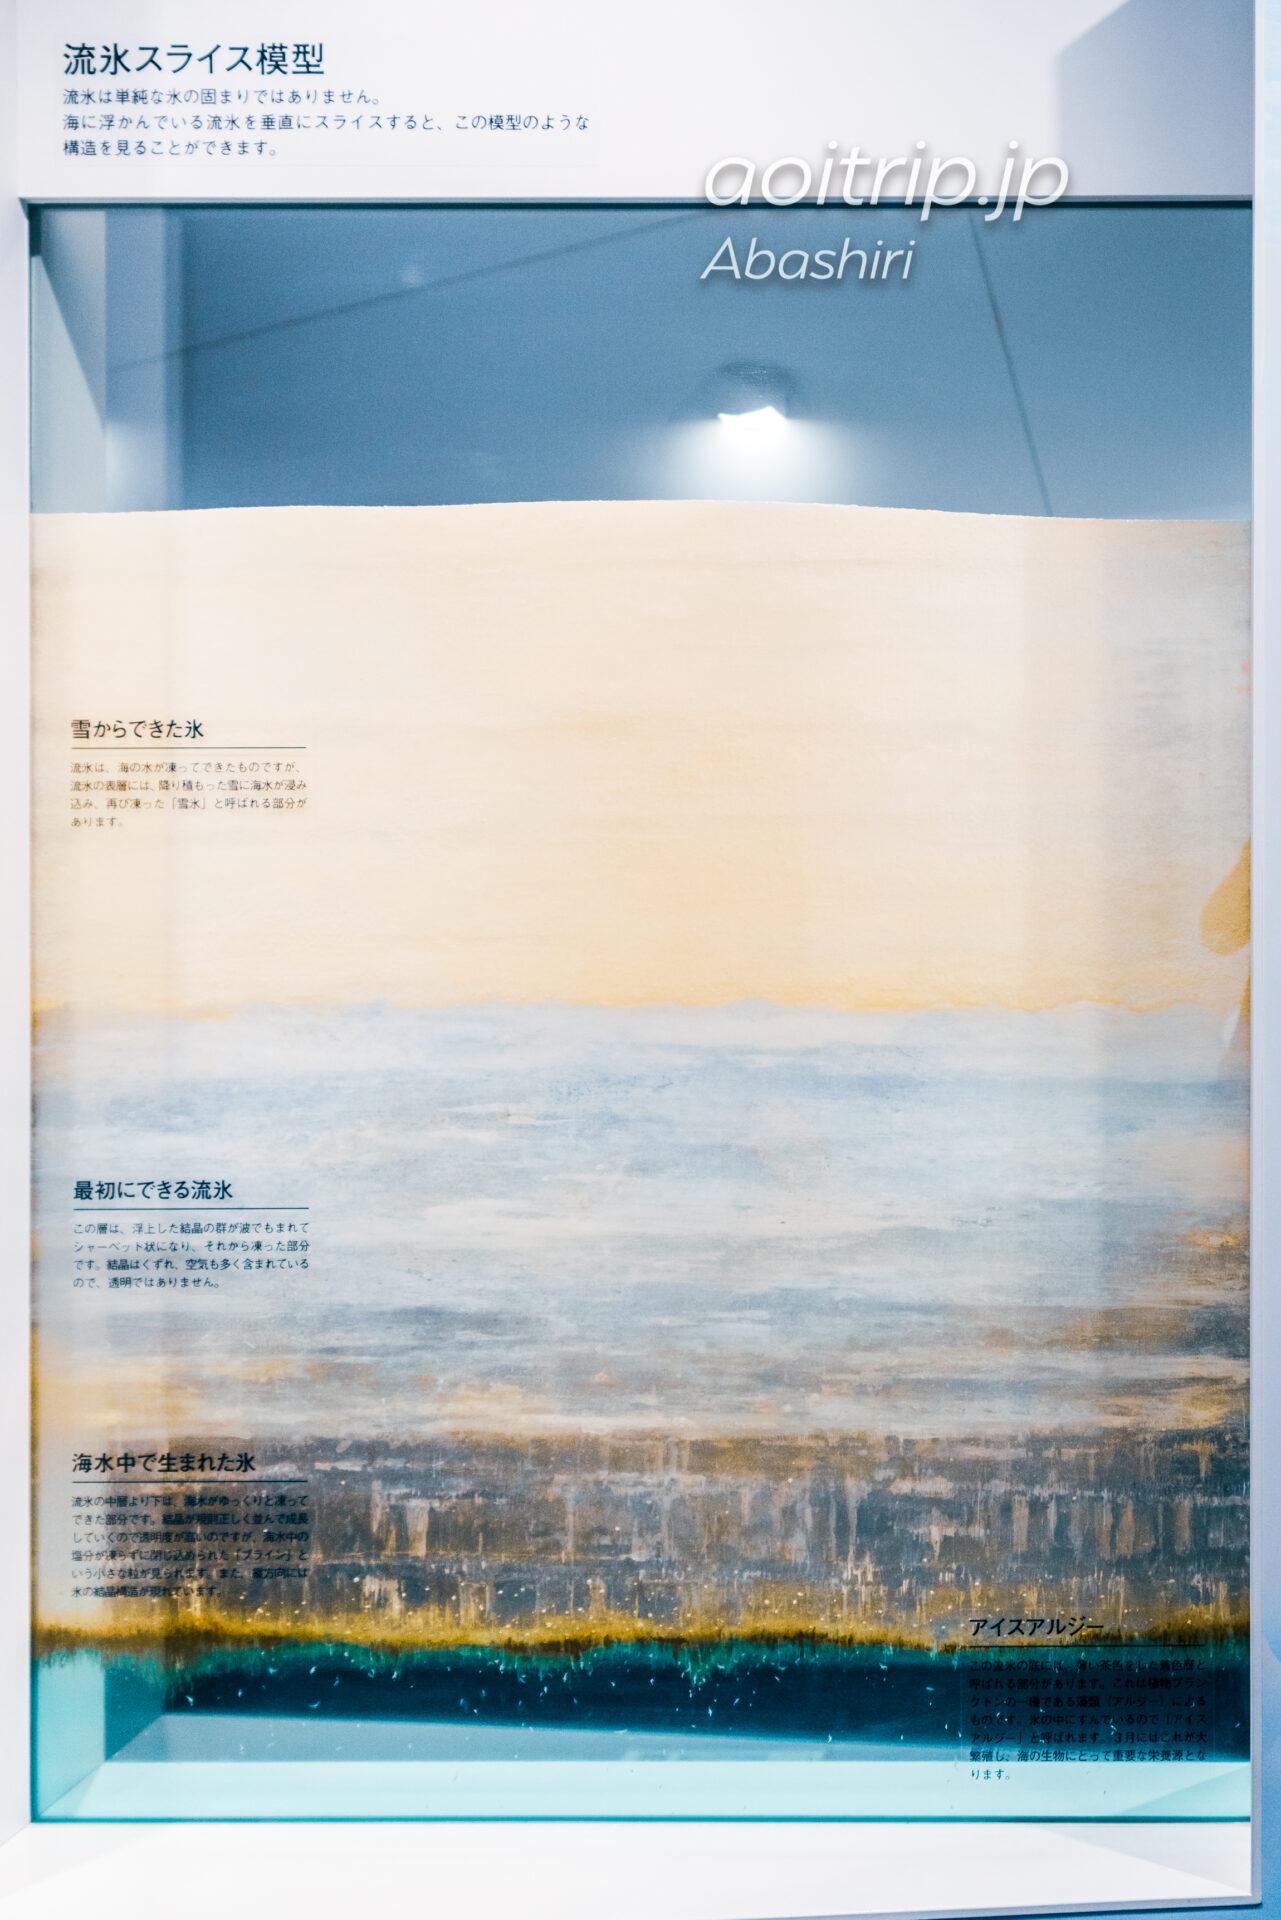 網走のオホーツク流氷館 Okhotsk Ryu-hyo Museum 流氷スライス模型